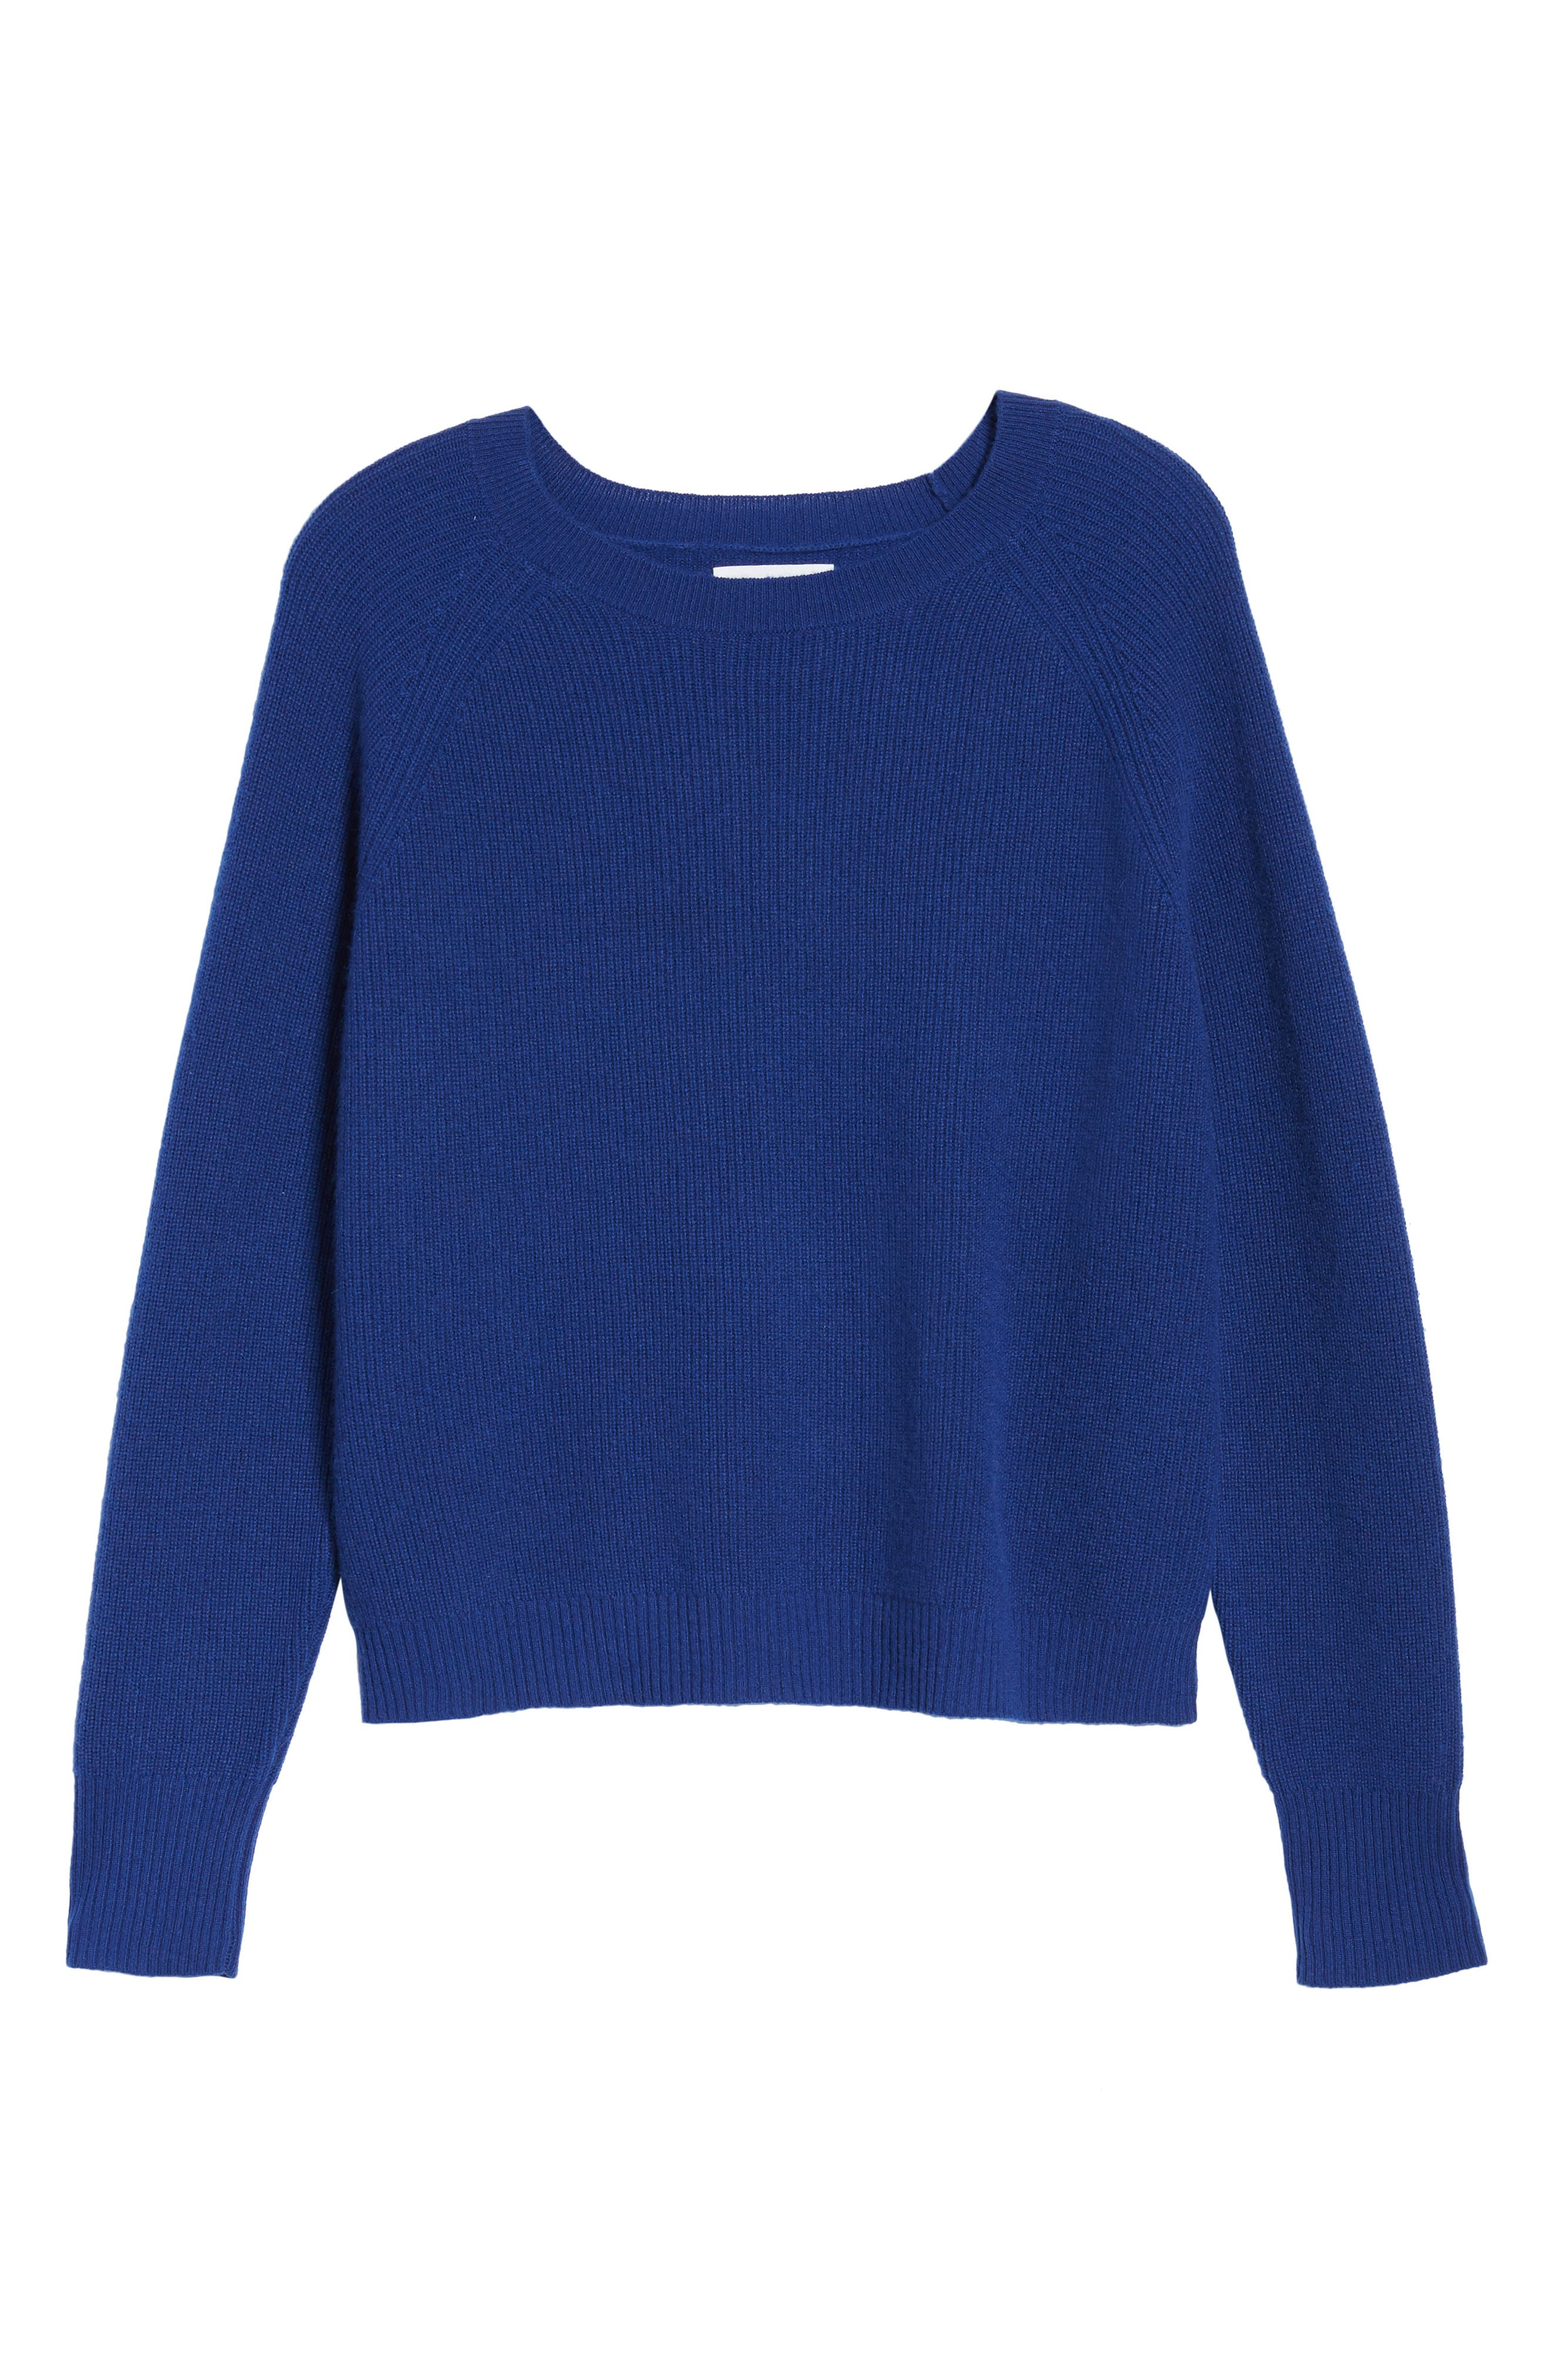 Cashmere Sweater,                             Alternate thumbnail 6, color,                             Coblt Blue